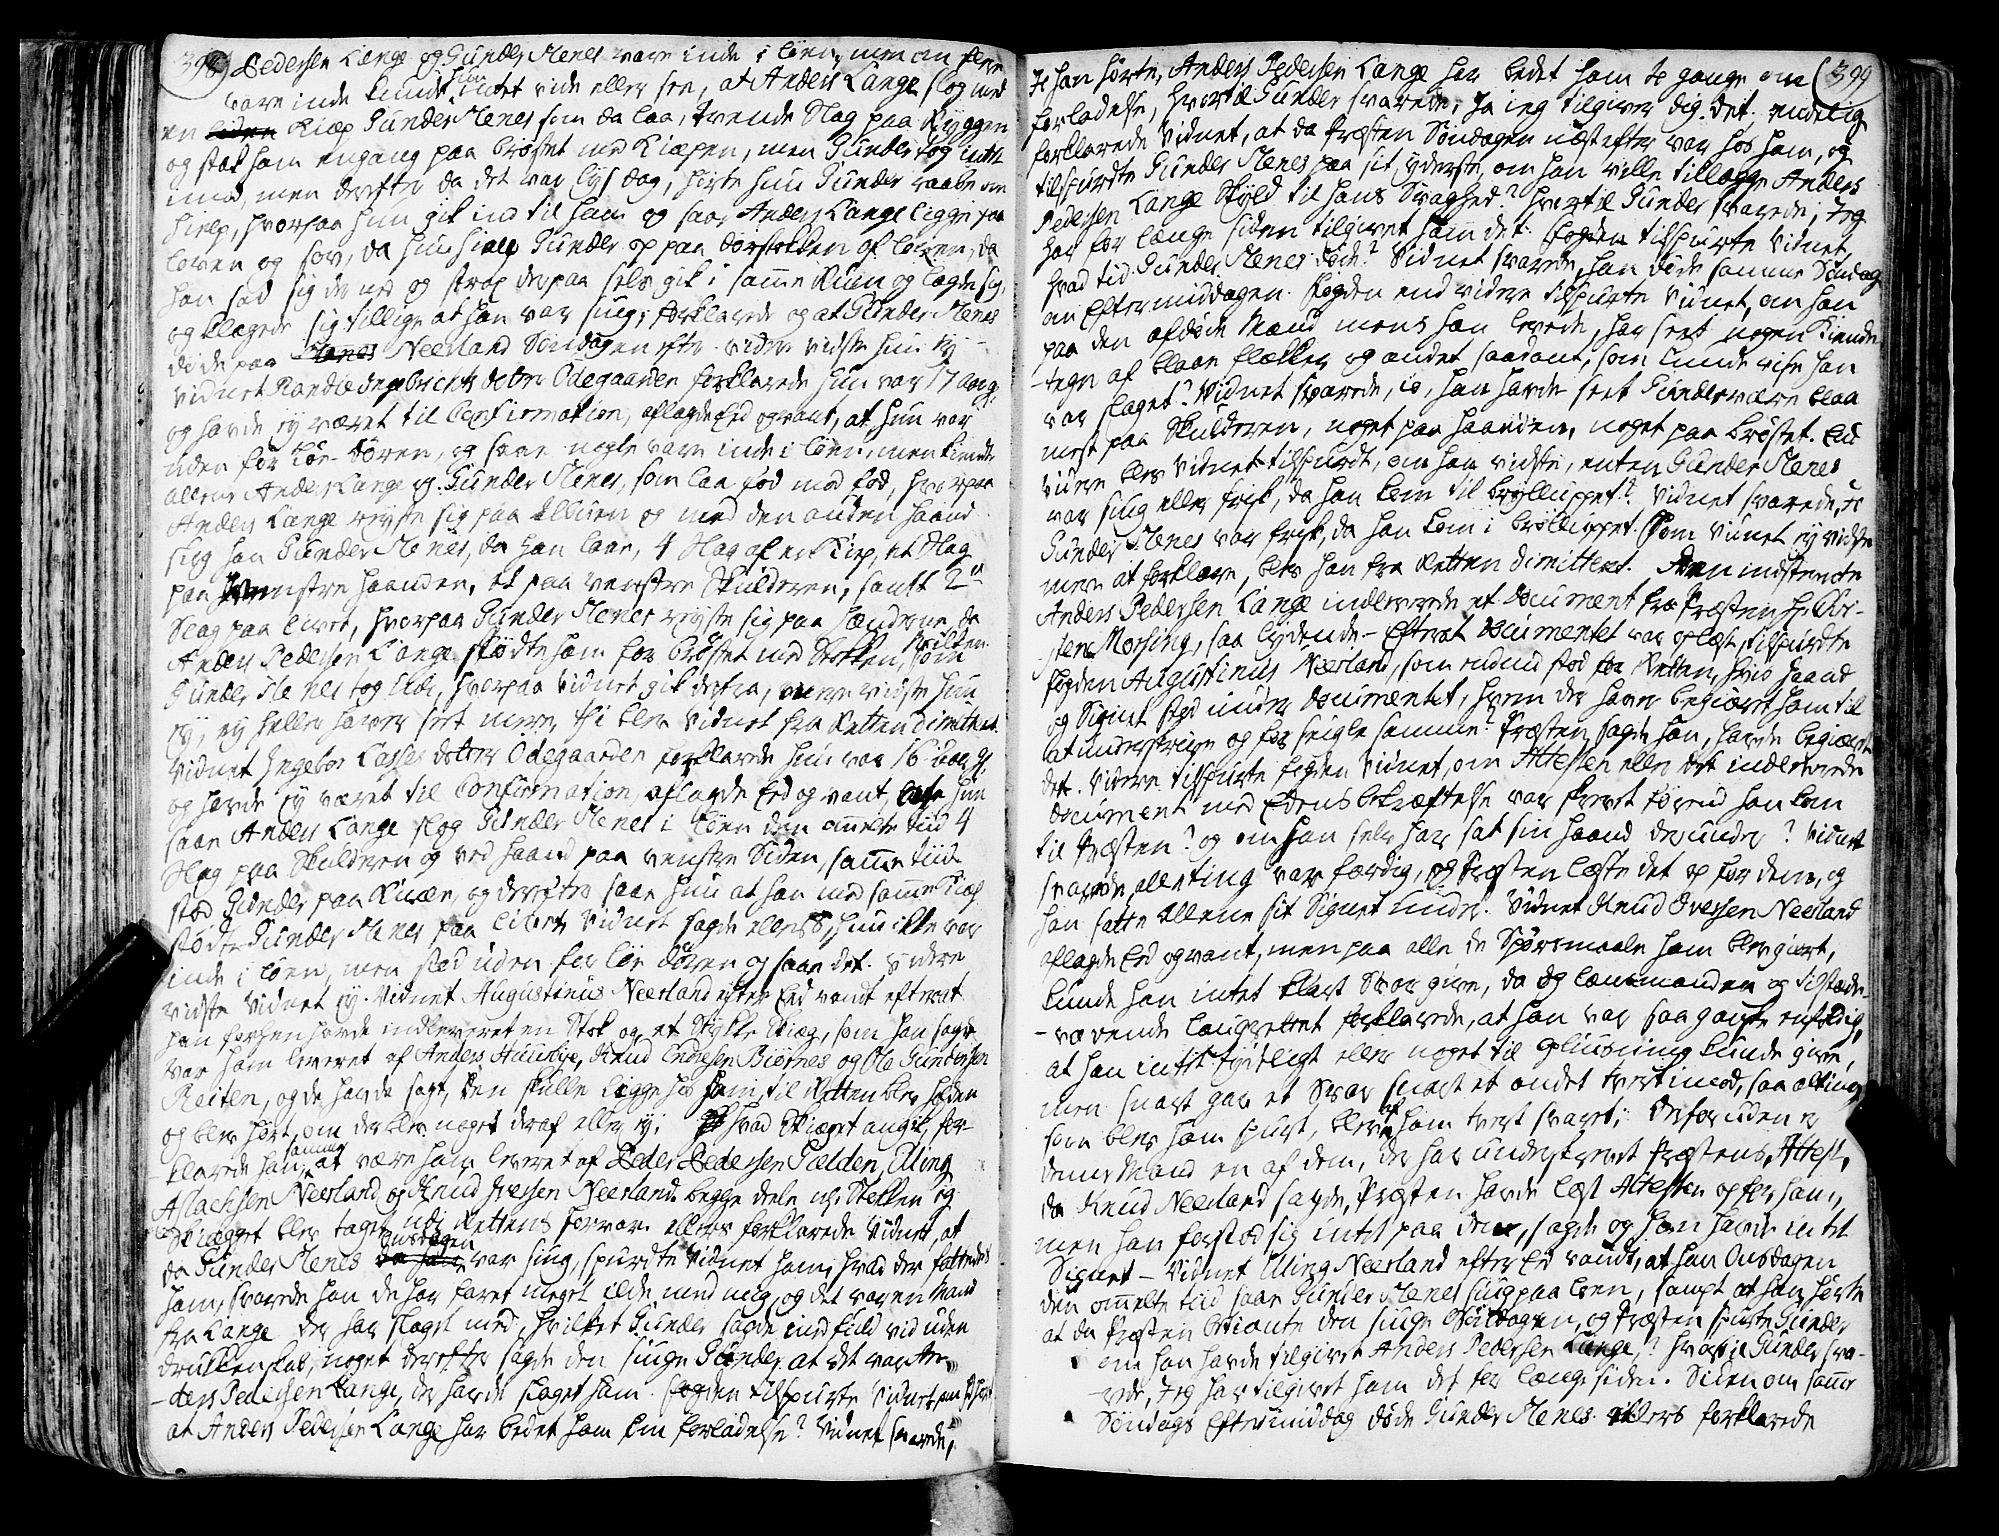 SAT, Romsdal sorenskriveri, 1/1A/L0013: Tingbok, 1749-1757, p. 398-399